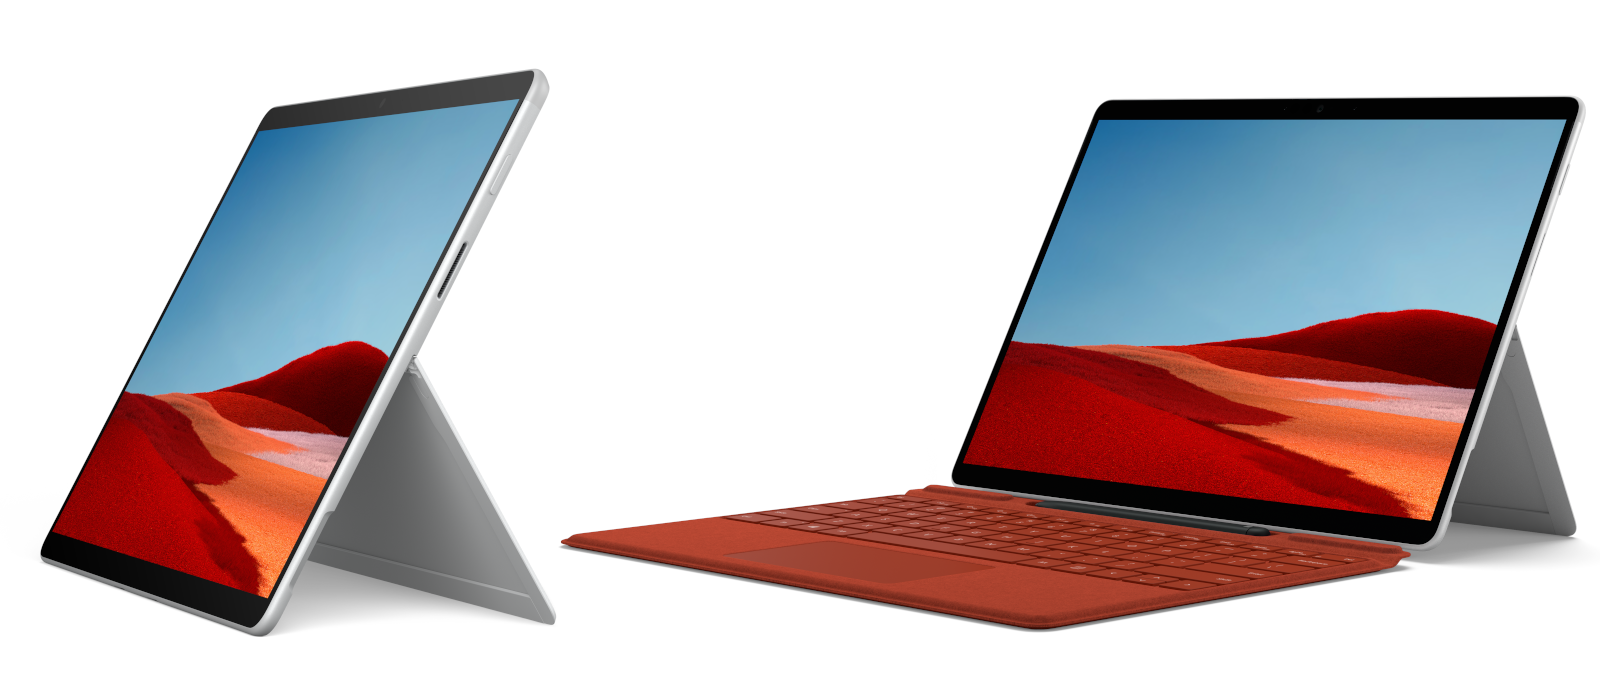 Links im Bild ist das Surface Pro X in Platin im Tablet-Modus platziert, rechts im Laptop-Modus mit mohnrotem Signature Keyboard